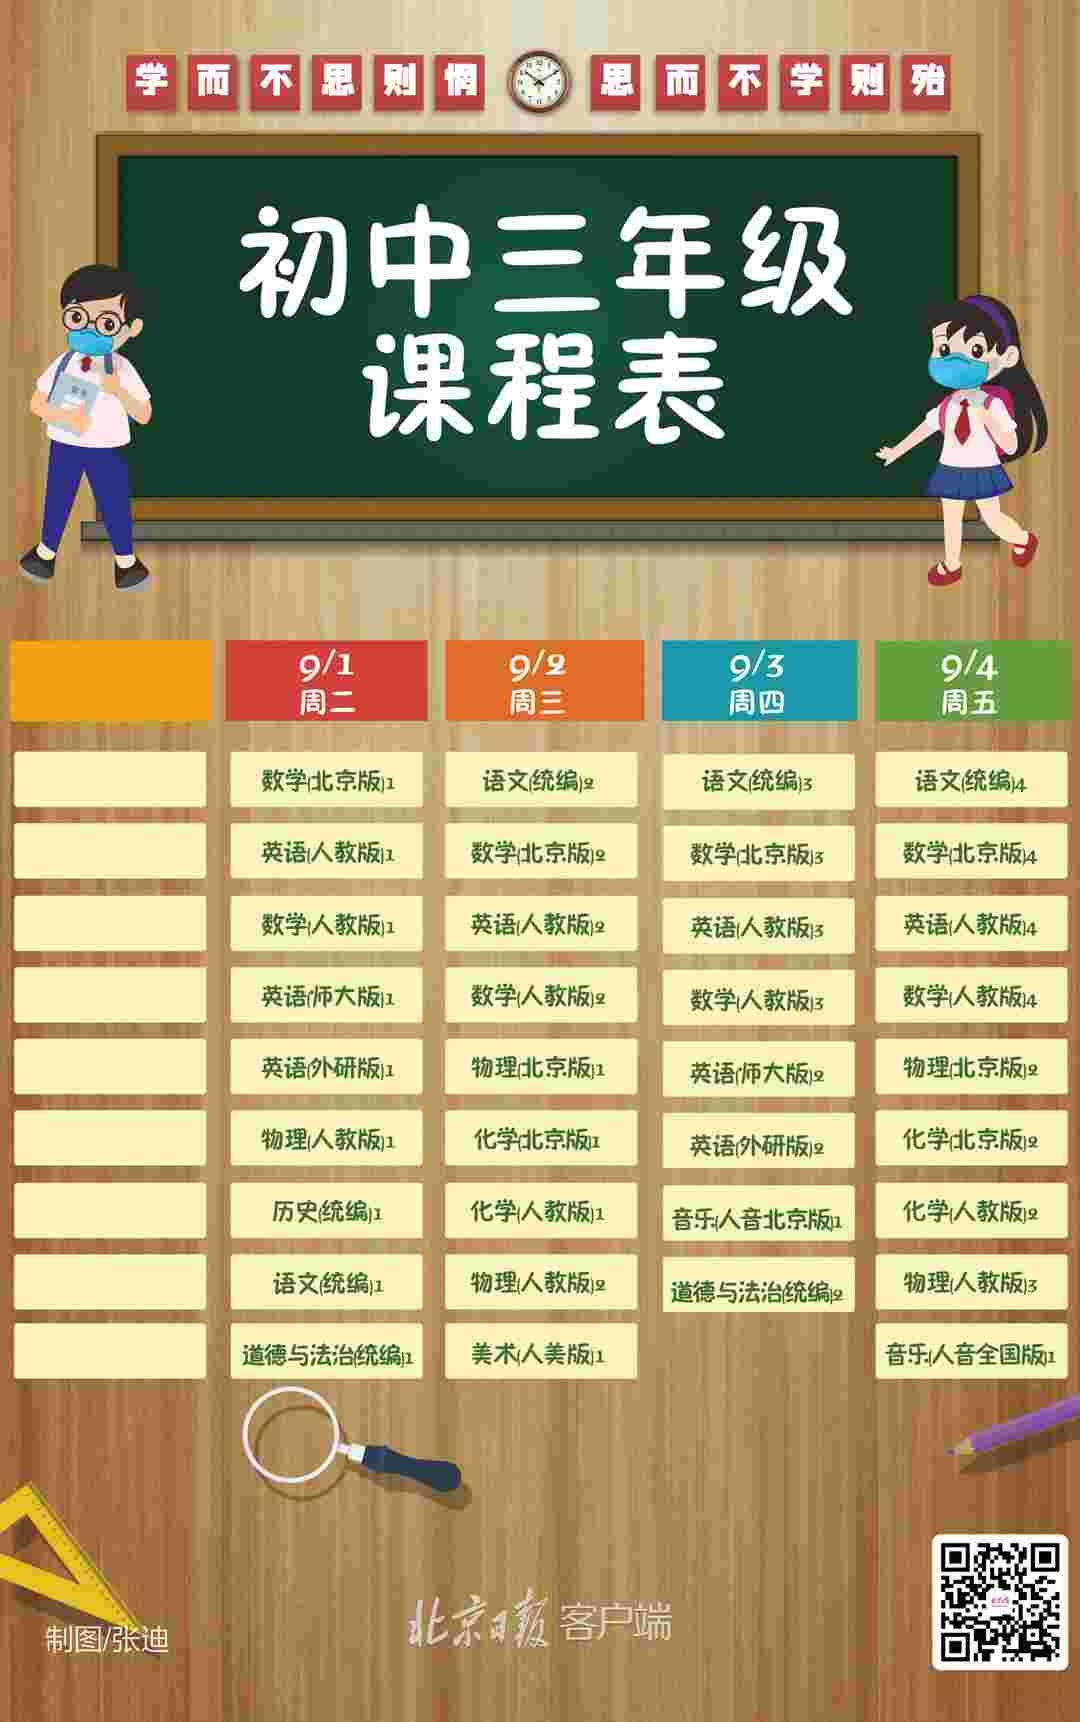 """开学了!北京中小学""""空中课堂""""一周课程表出炉,收藏!"""